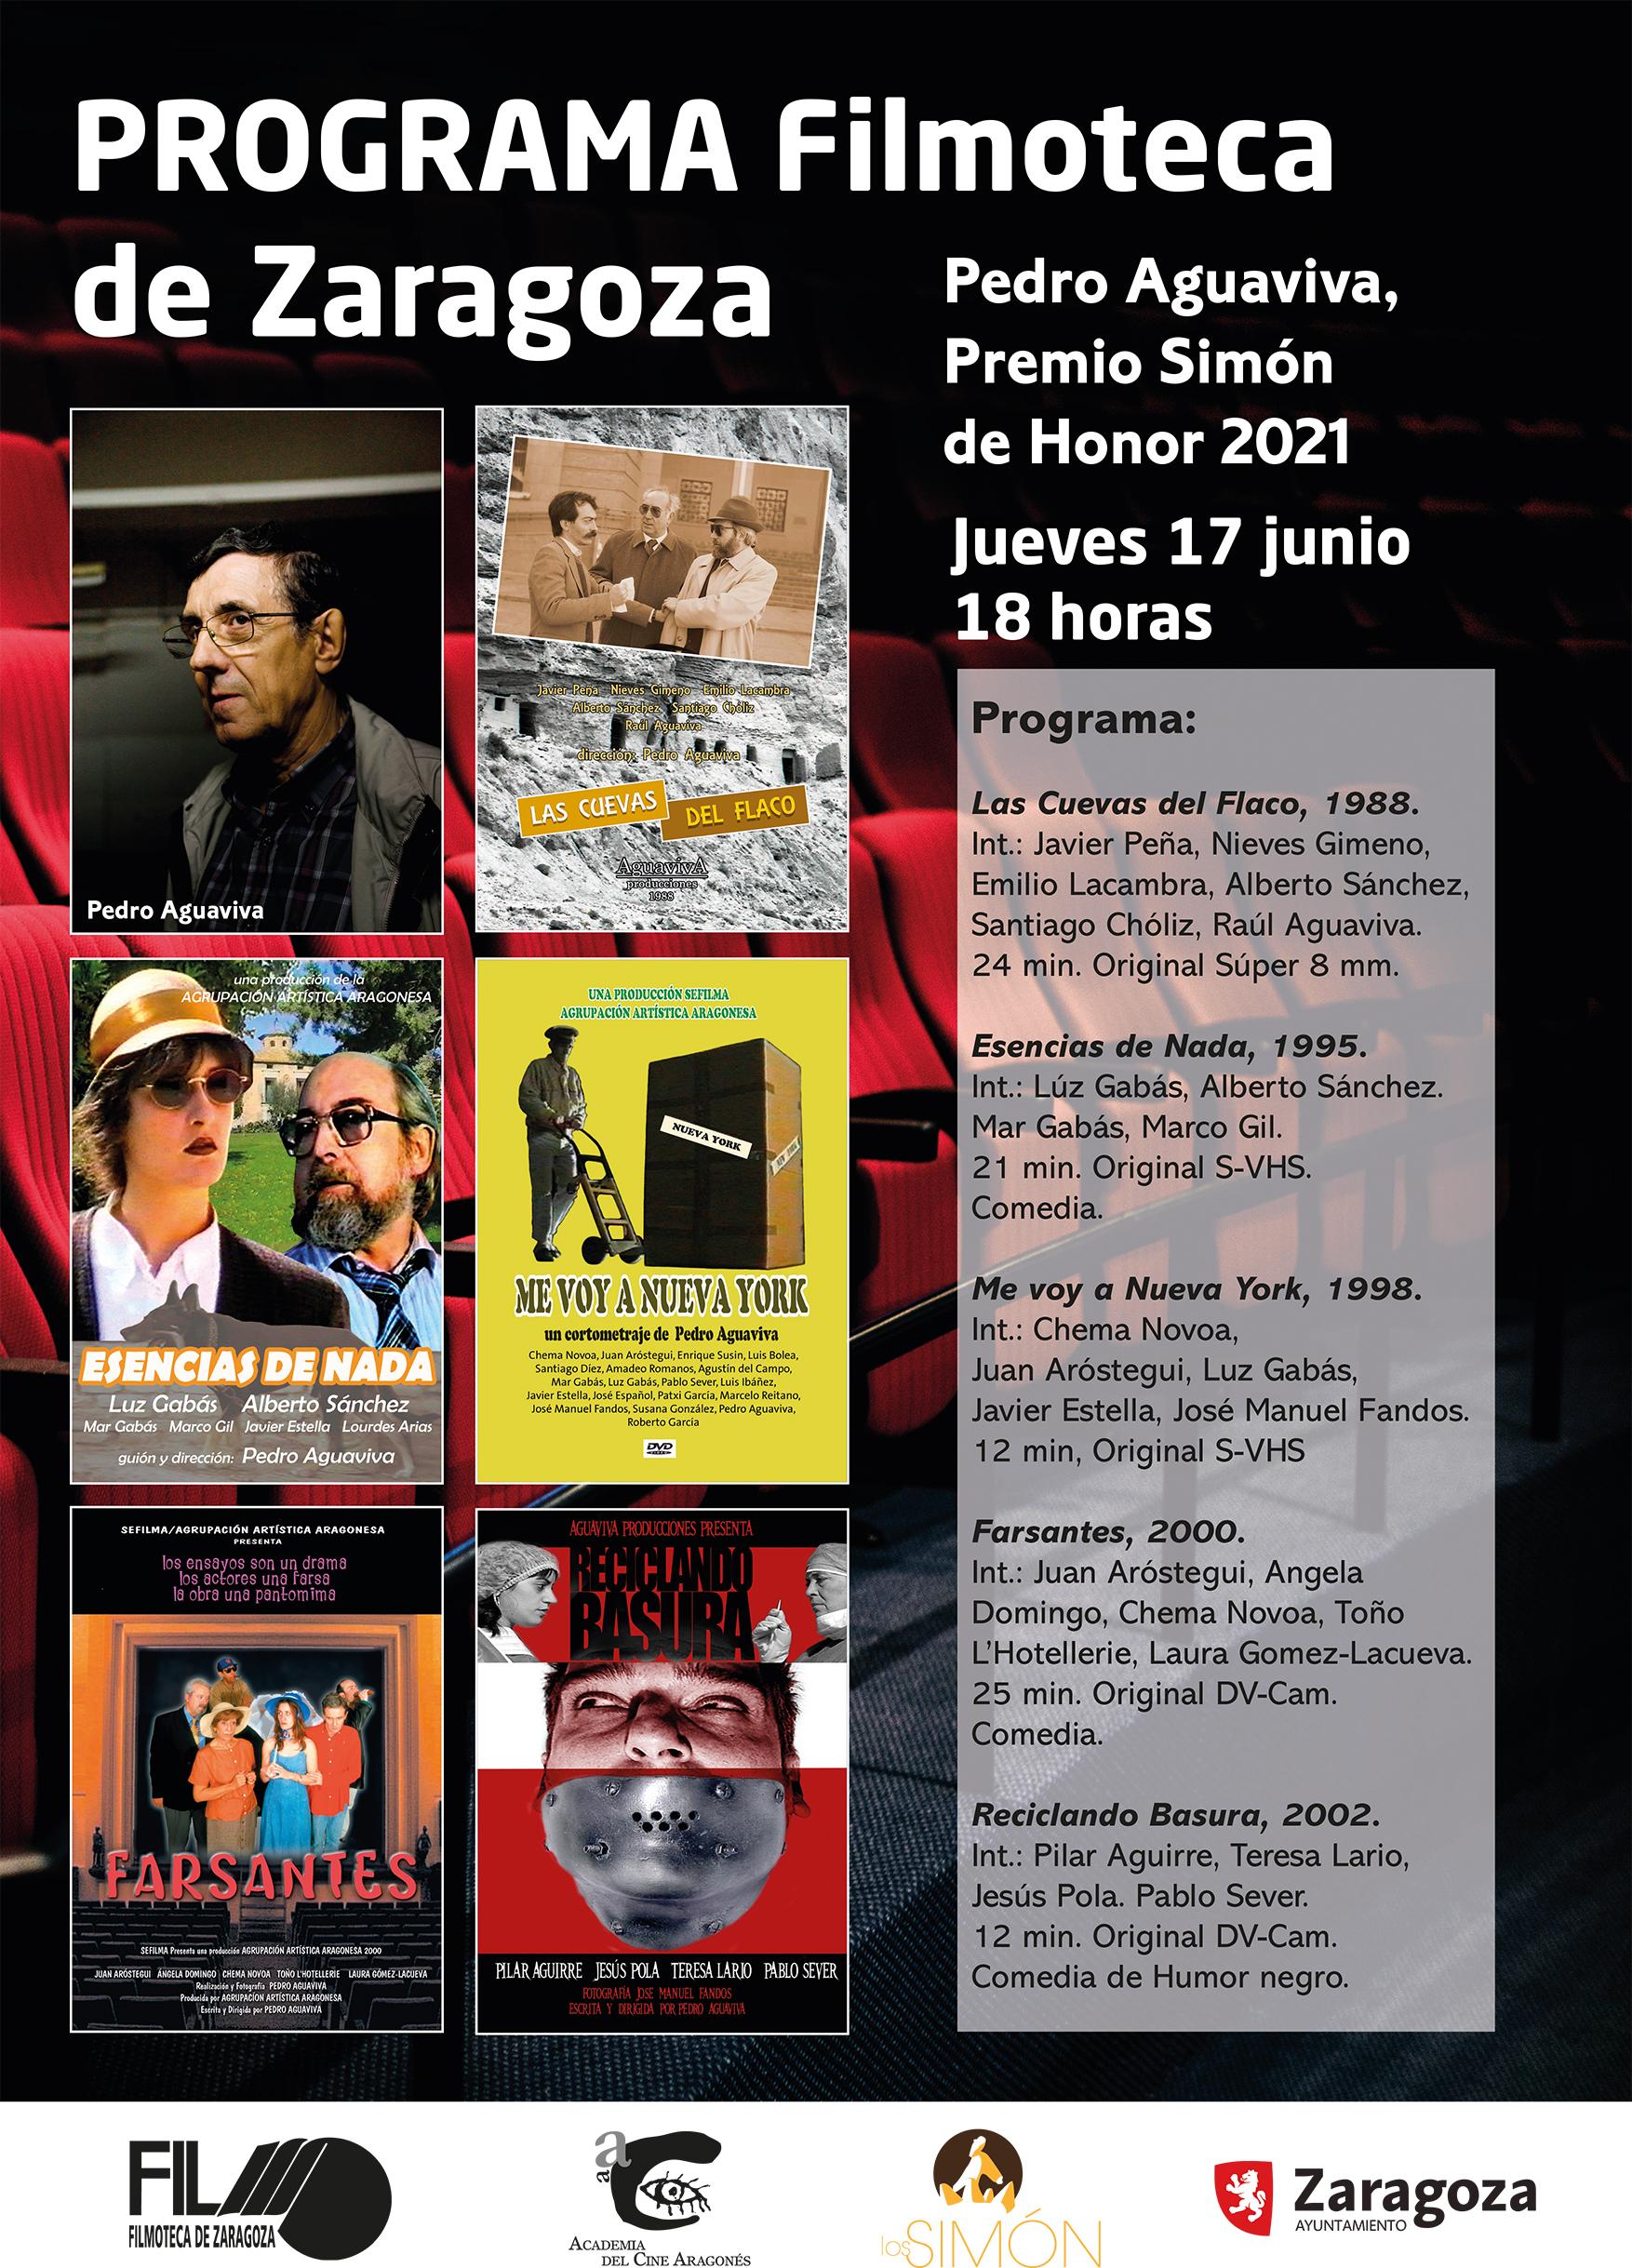 Programa Filmoteca Zaragoza Pedro Aguaviva